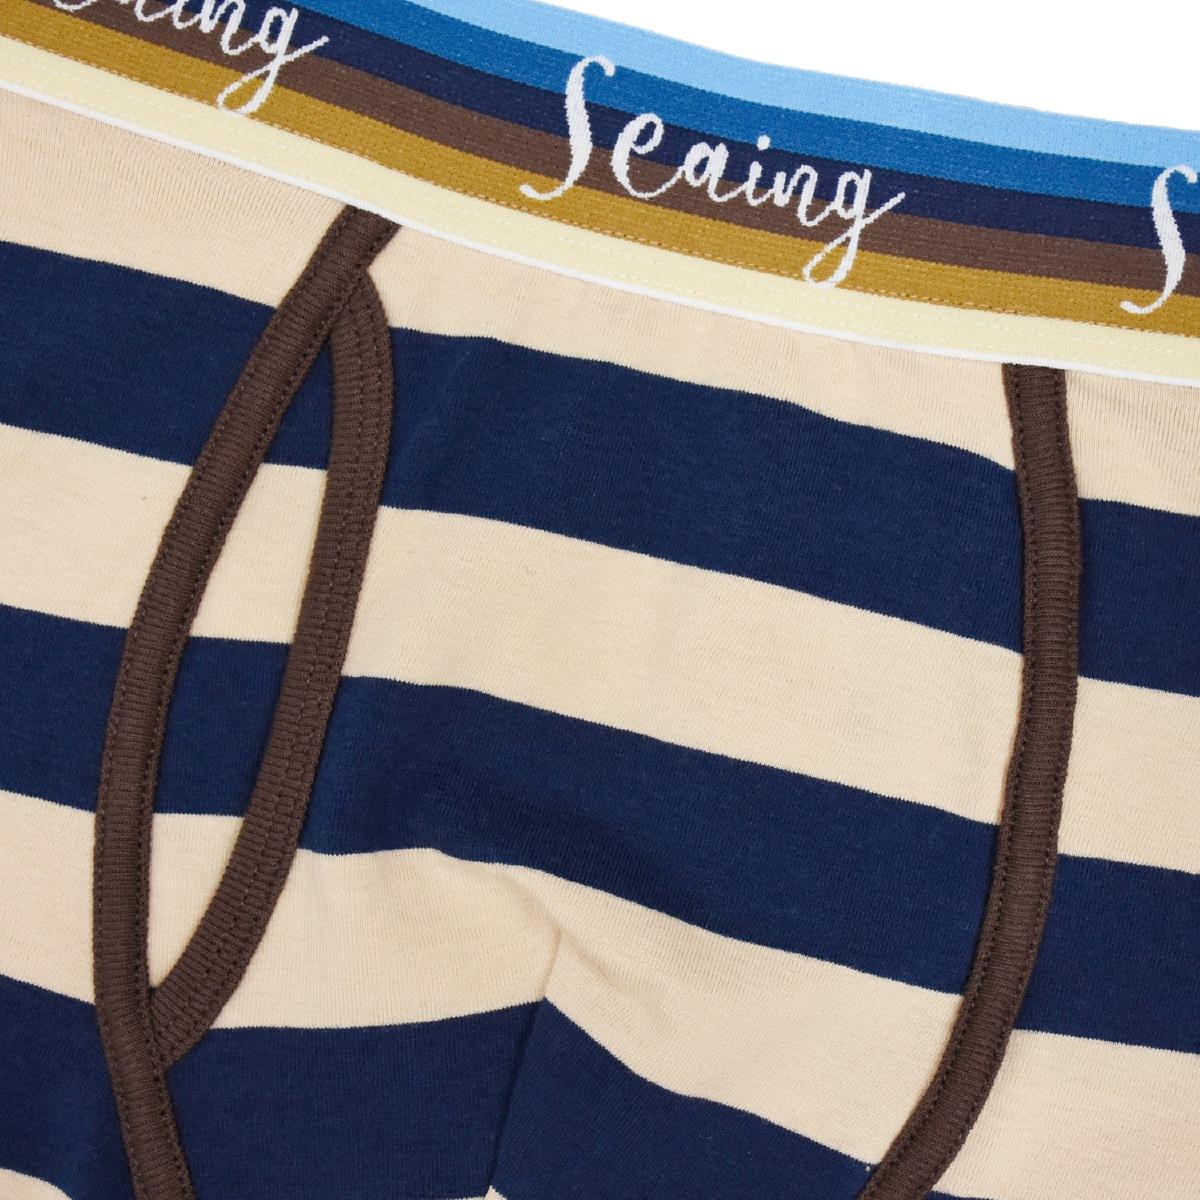 Seaing シーング ボクサーパンツ SURF BORDER